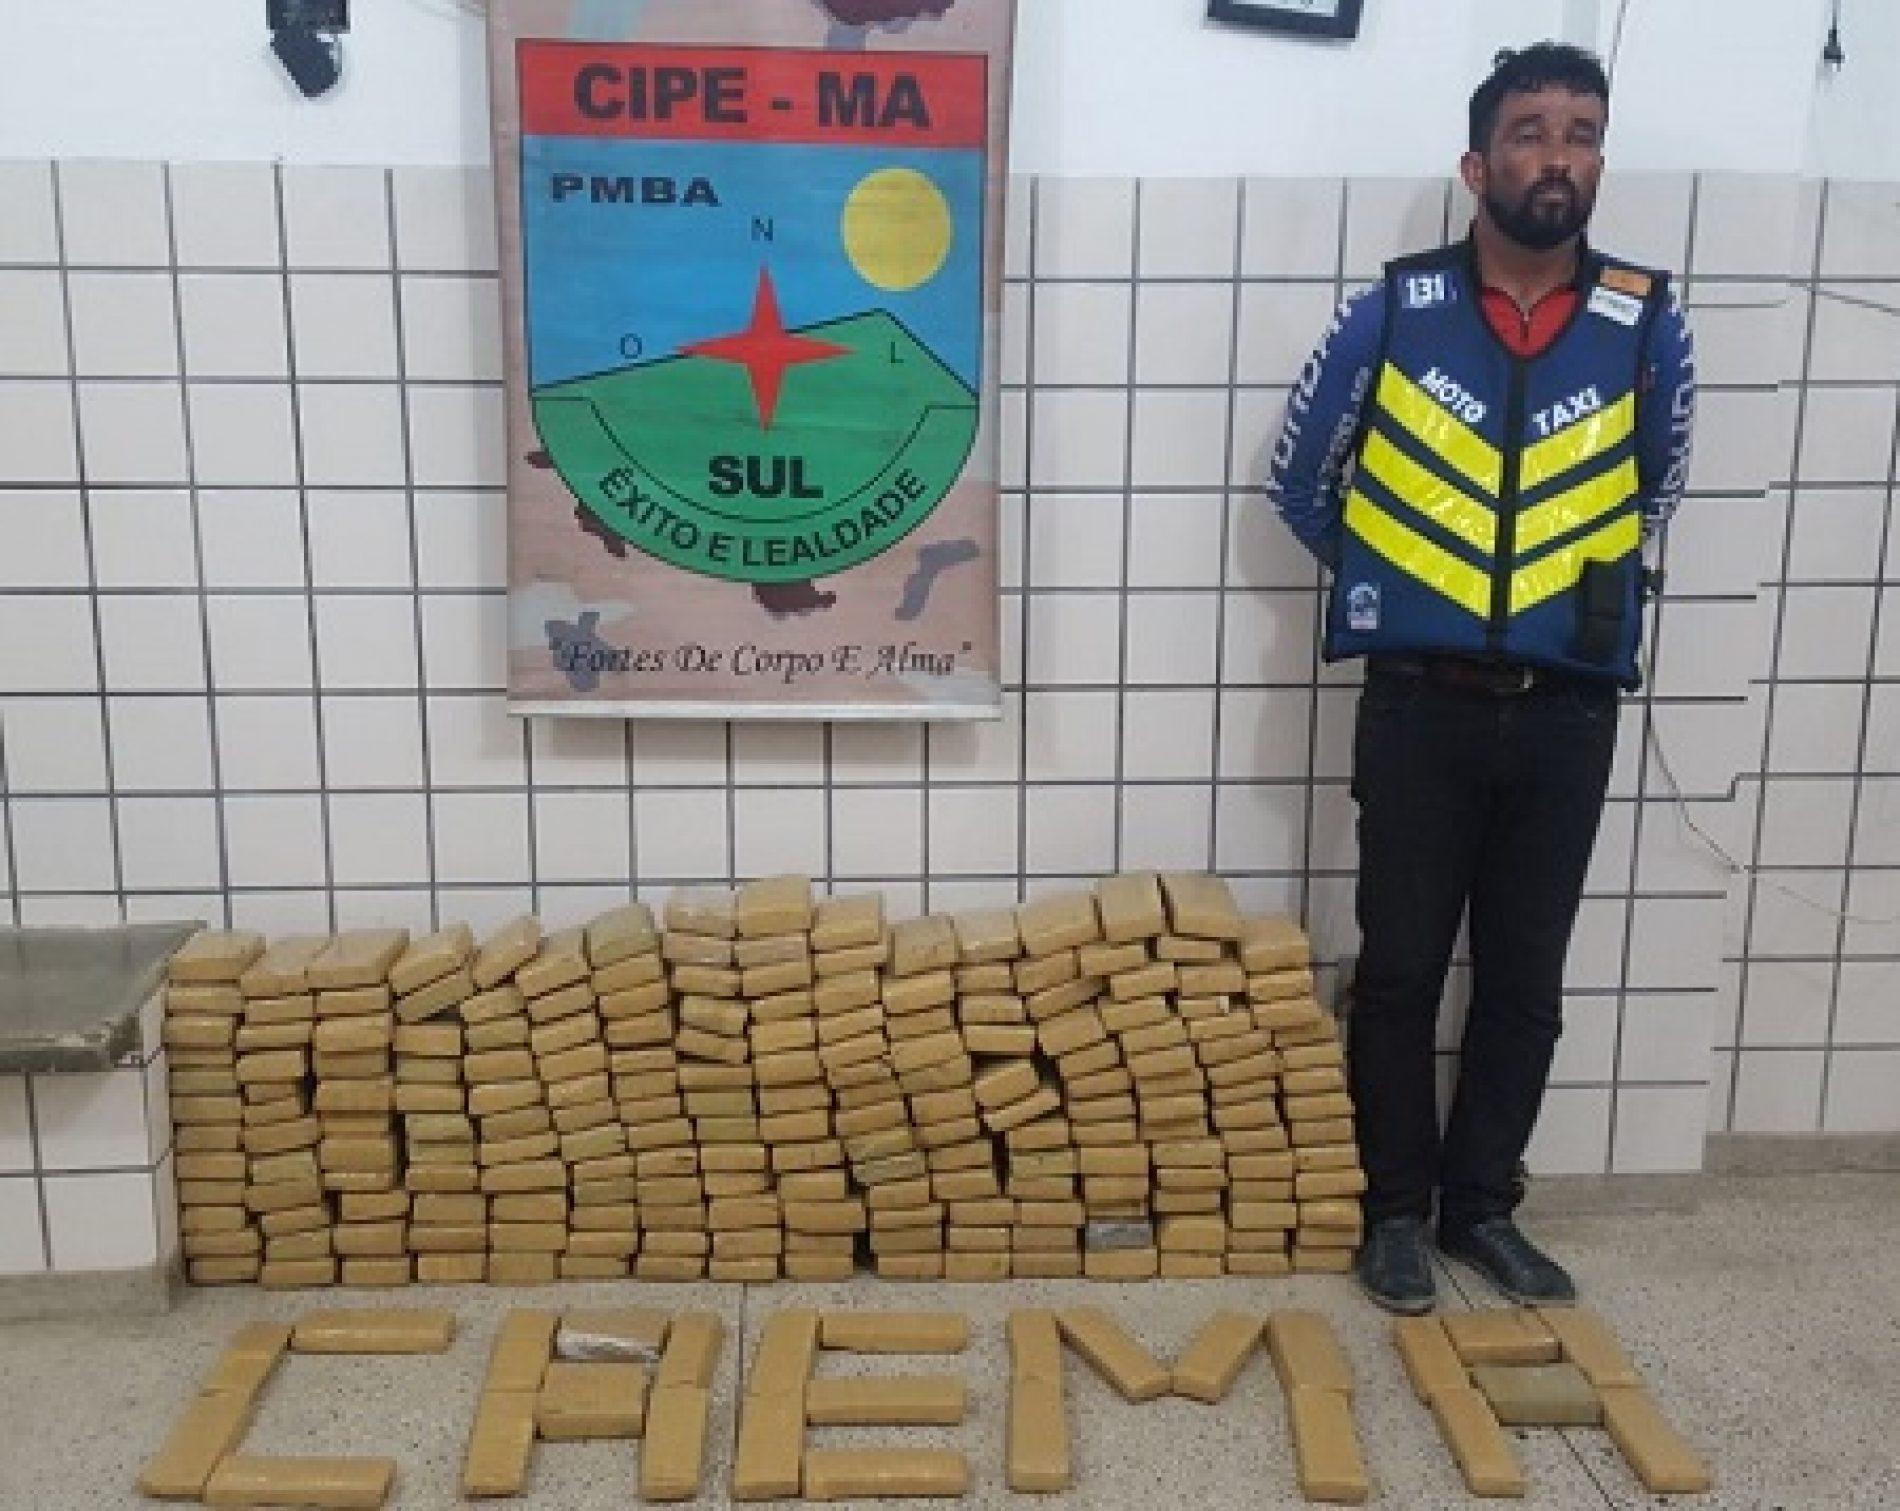 Mototaxista é preso com 200 tabletes de maconha em Teixeira de Freitas